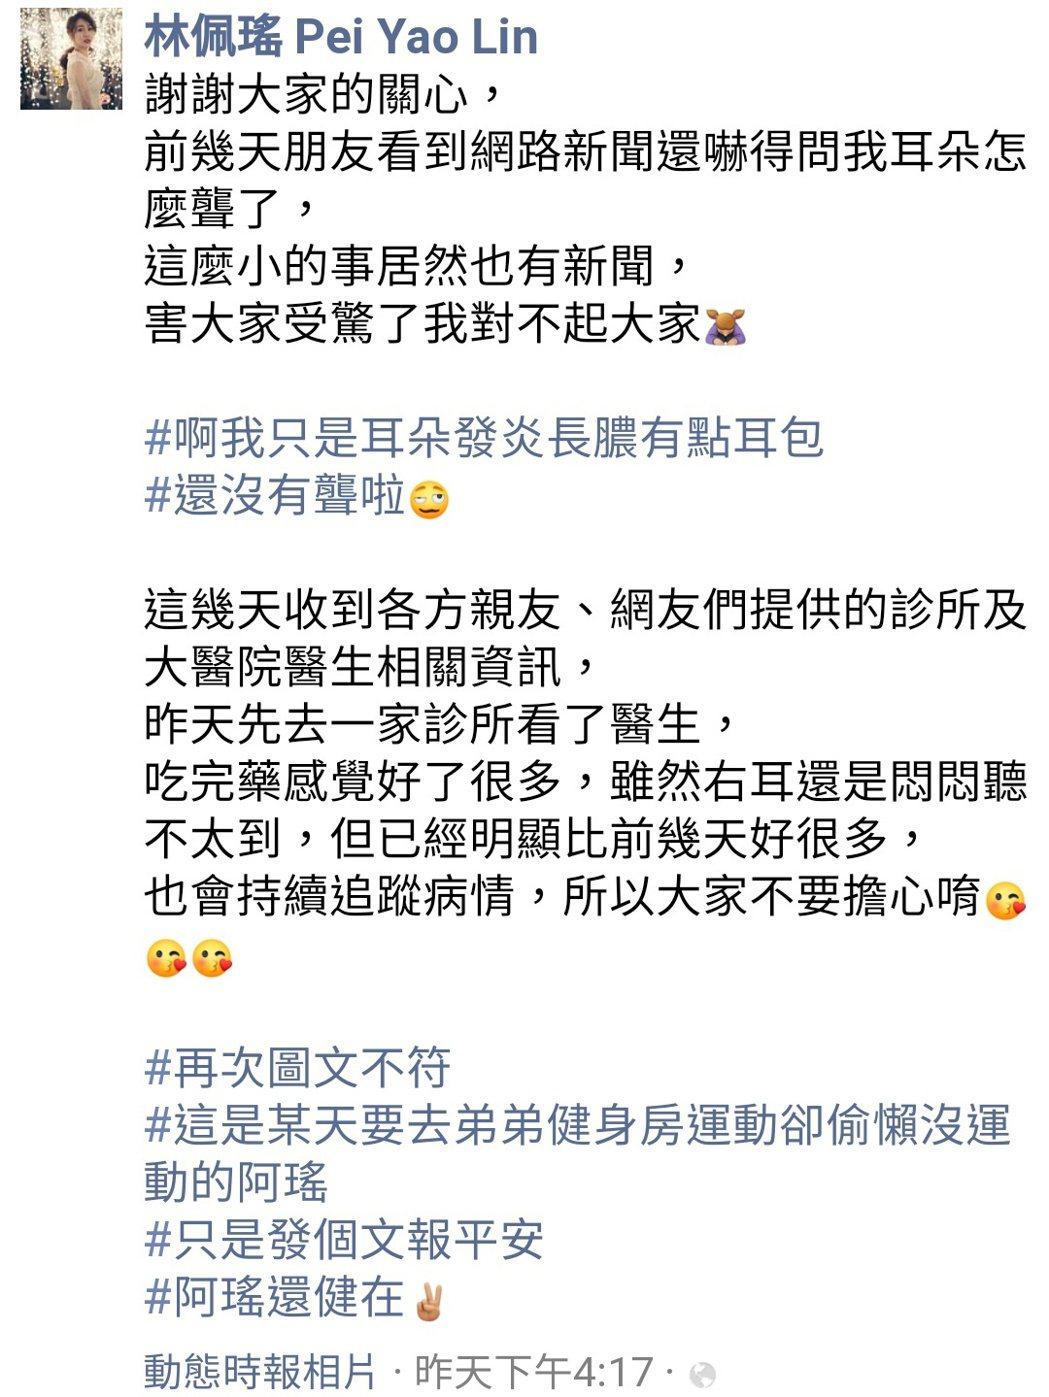 林佩瑤近來耳朵發炎長膿。 圖/擷自林佩瑤臉書